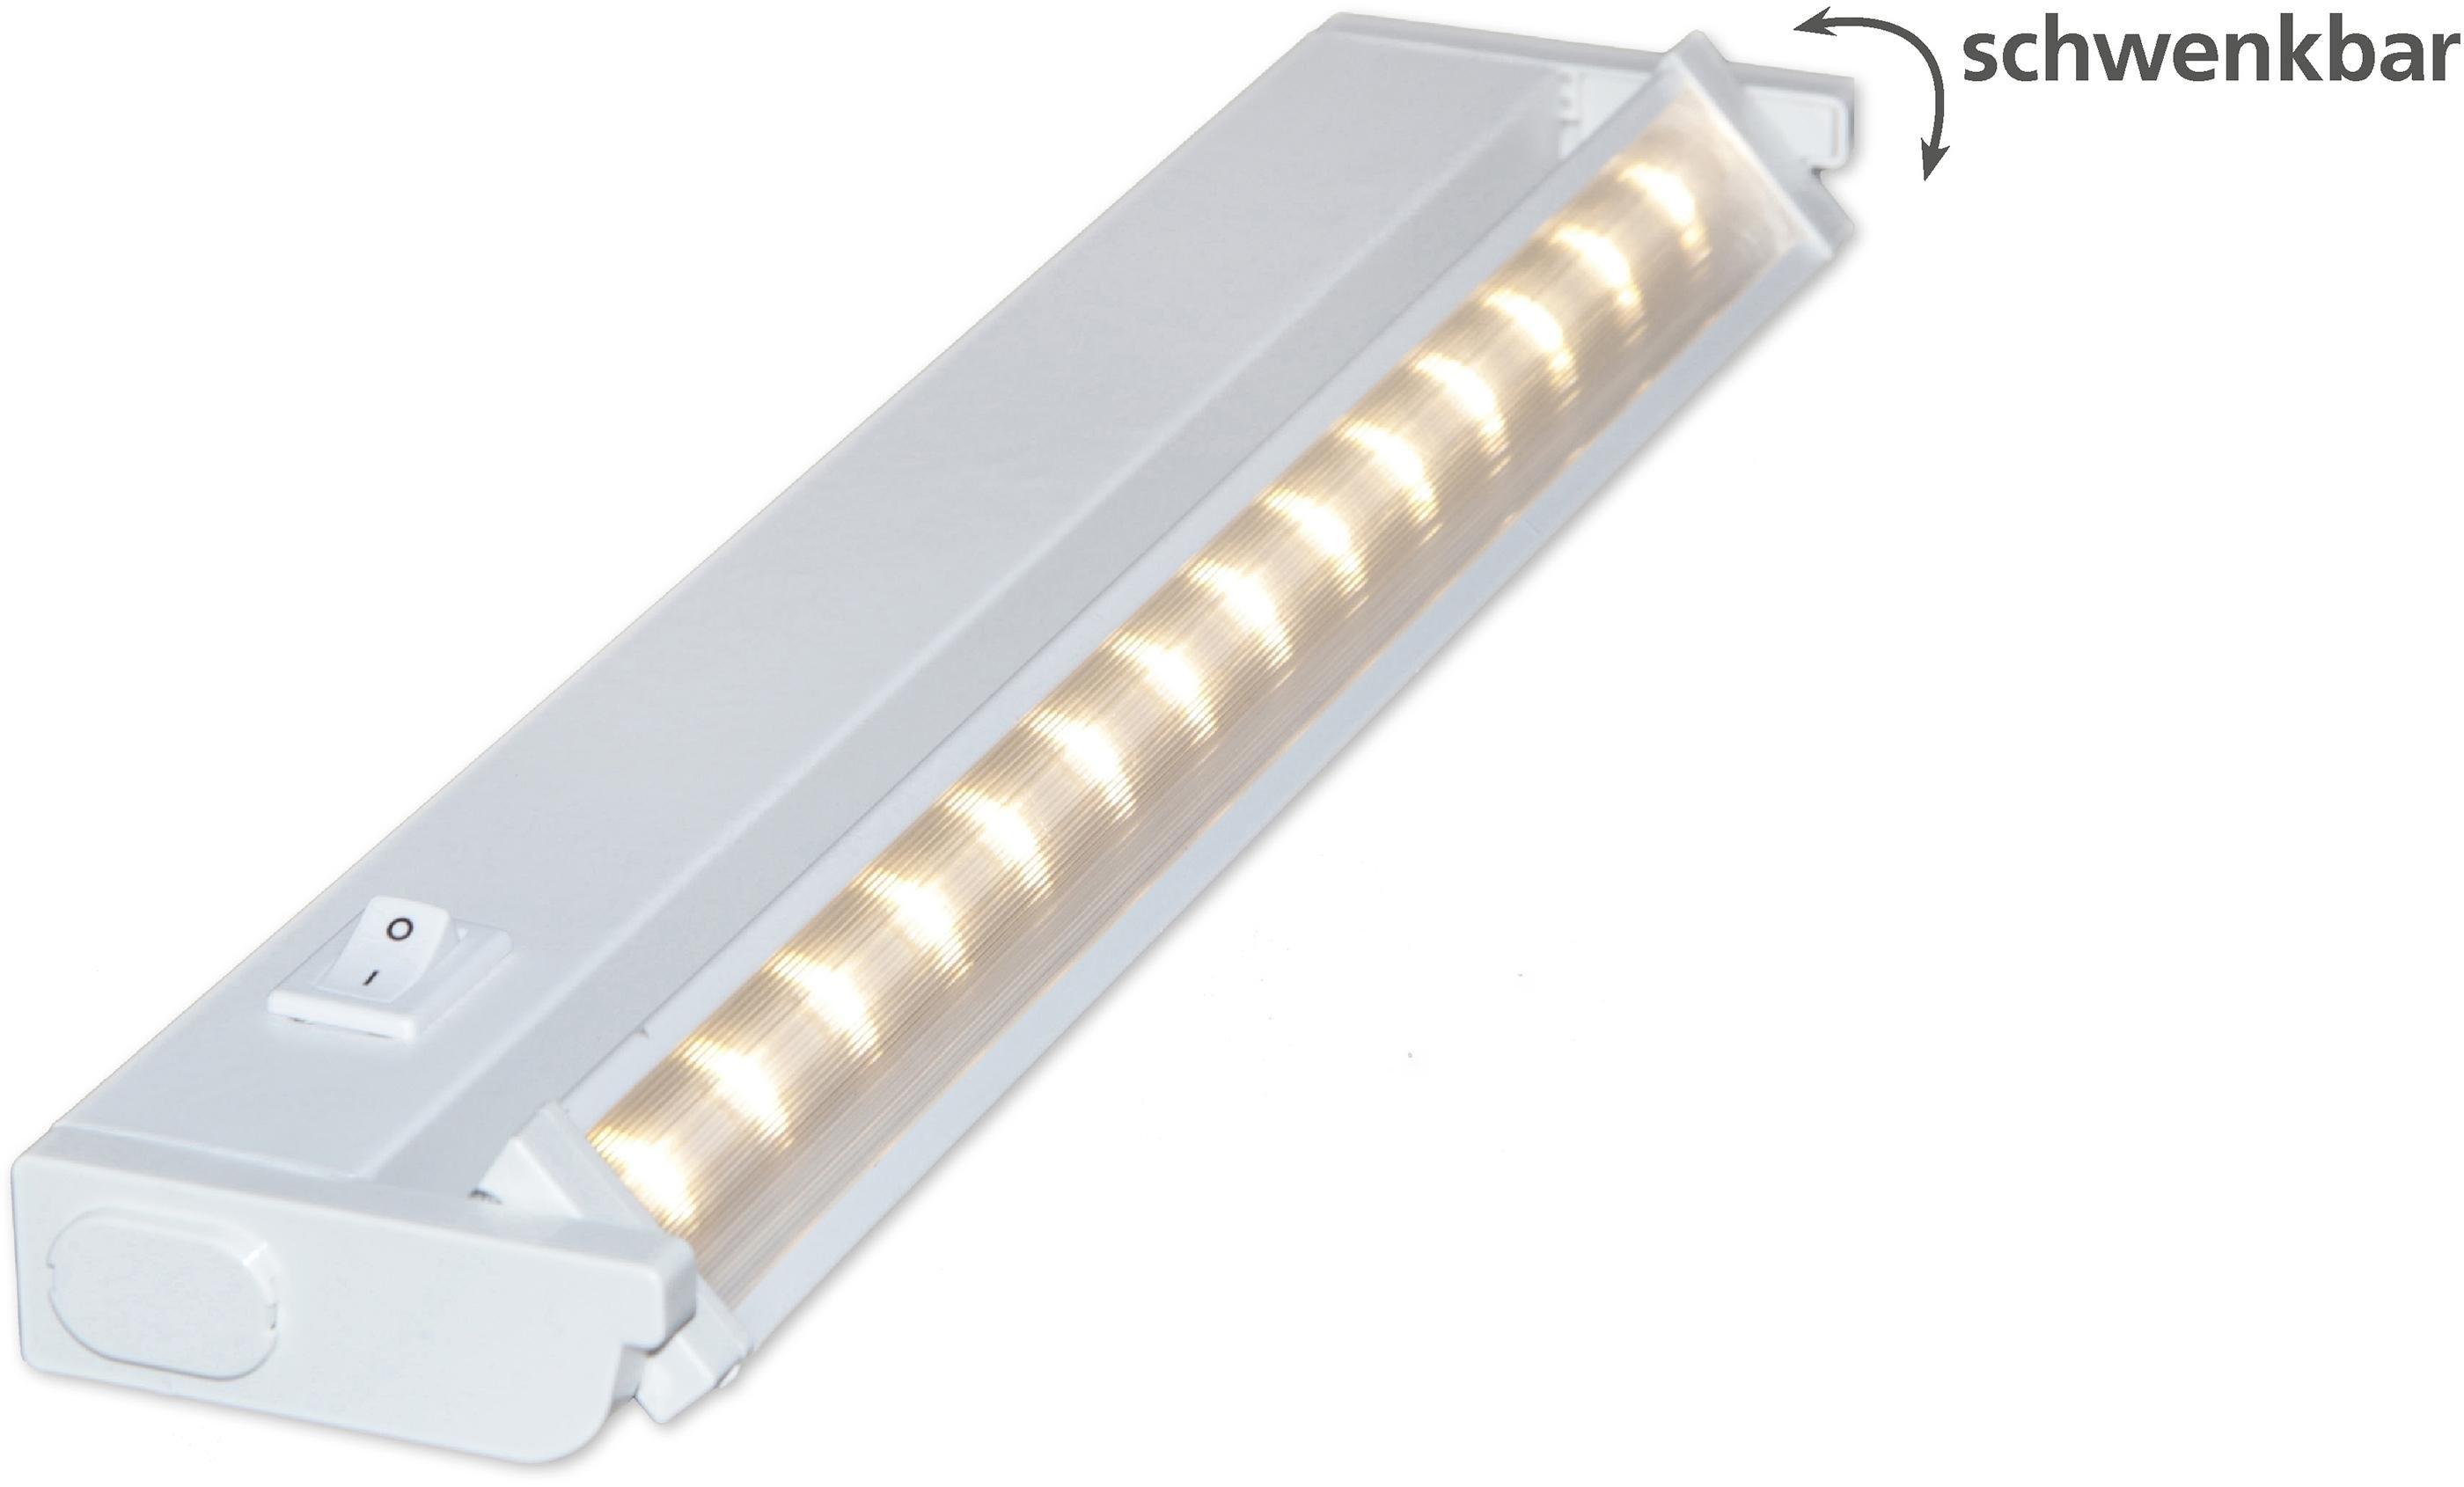 NÄVE LED-onderbouwverlichting, 30,5 cm, »FUNCTION« makkelijk gekocht ...